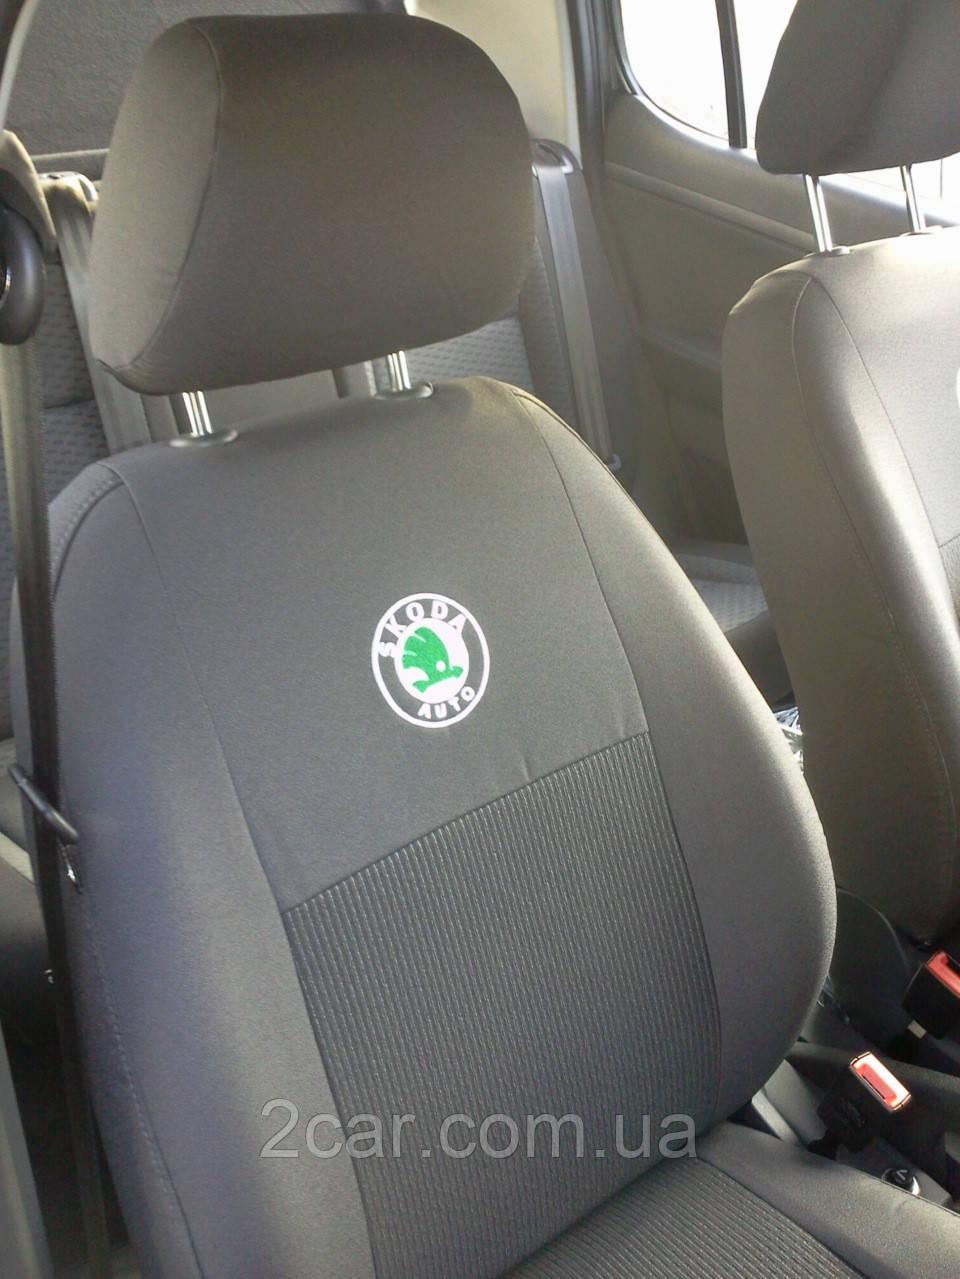 Чехлы в салон модельные ВАЗ Lada Granta 2190 c 2011 г (EMC-Elegant)